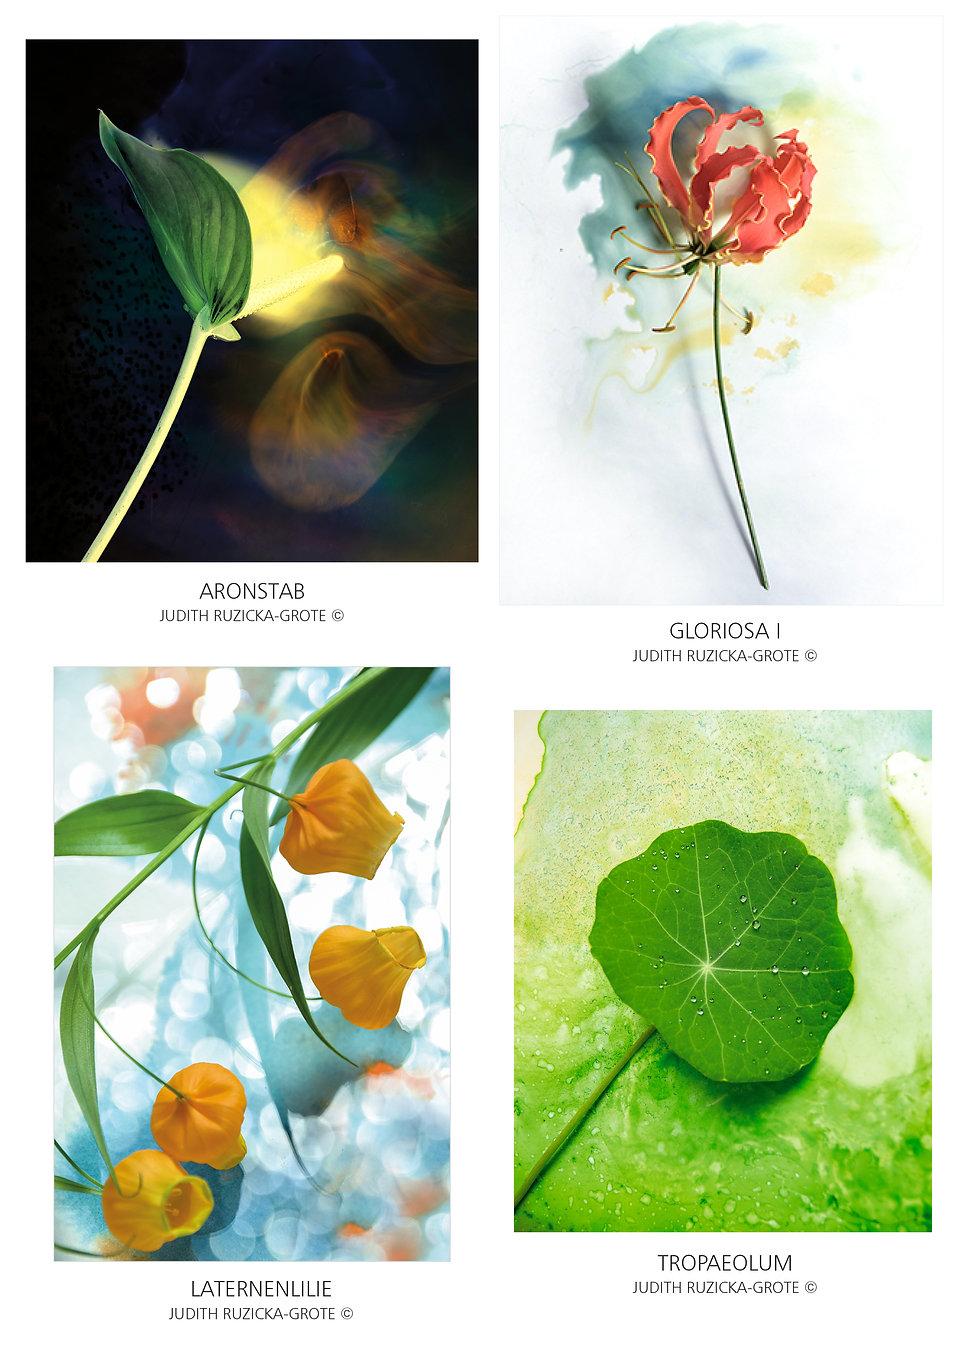 FLOWERS1_J.Ruzicka-Grote.jpg